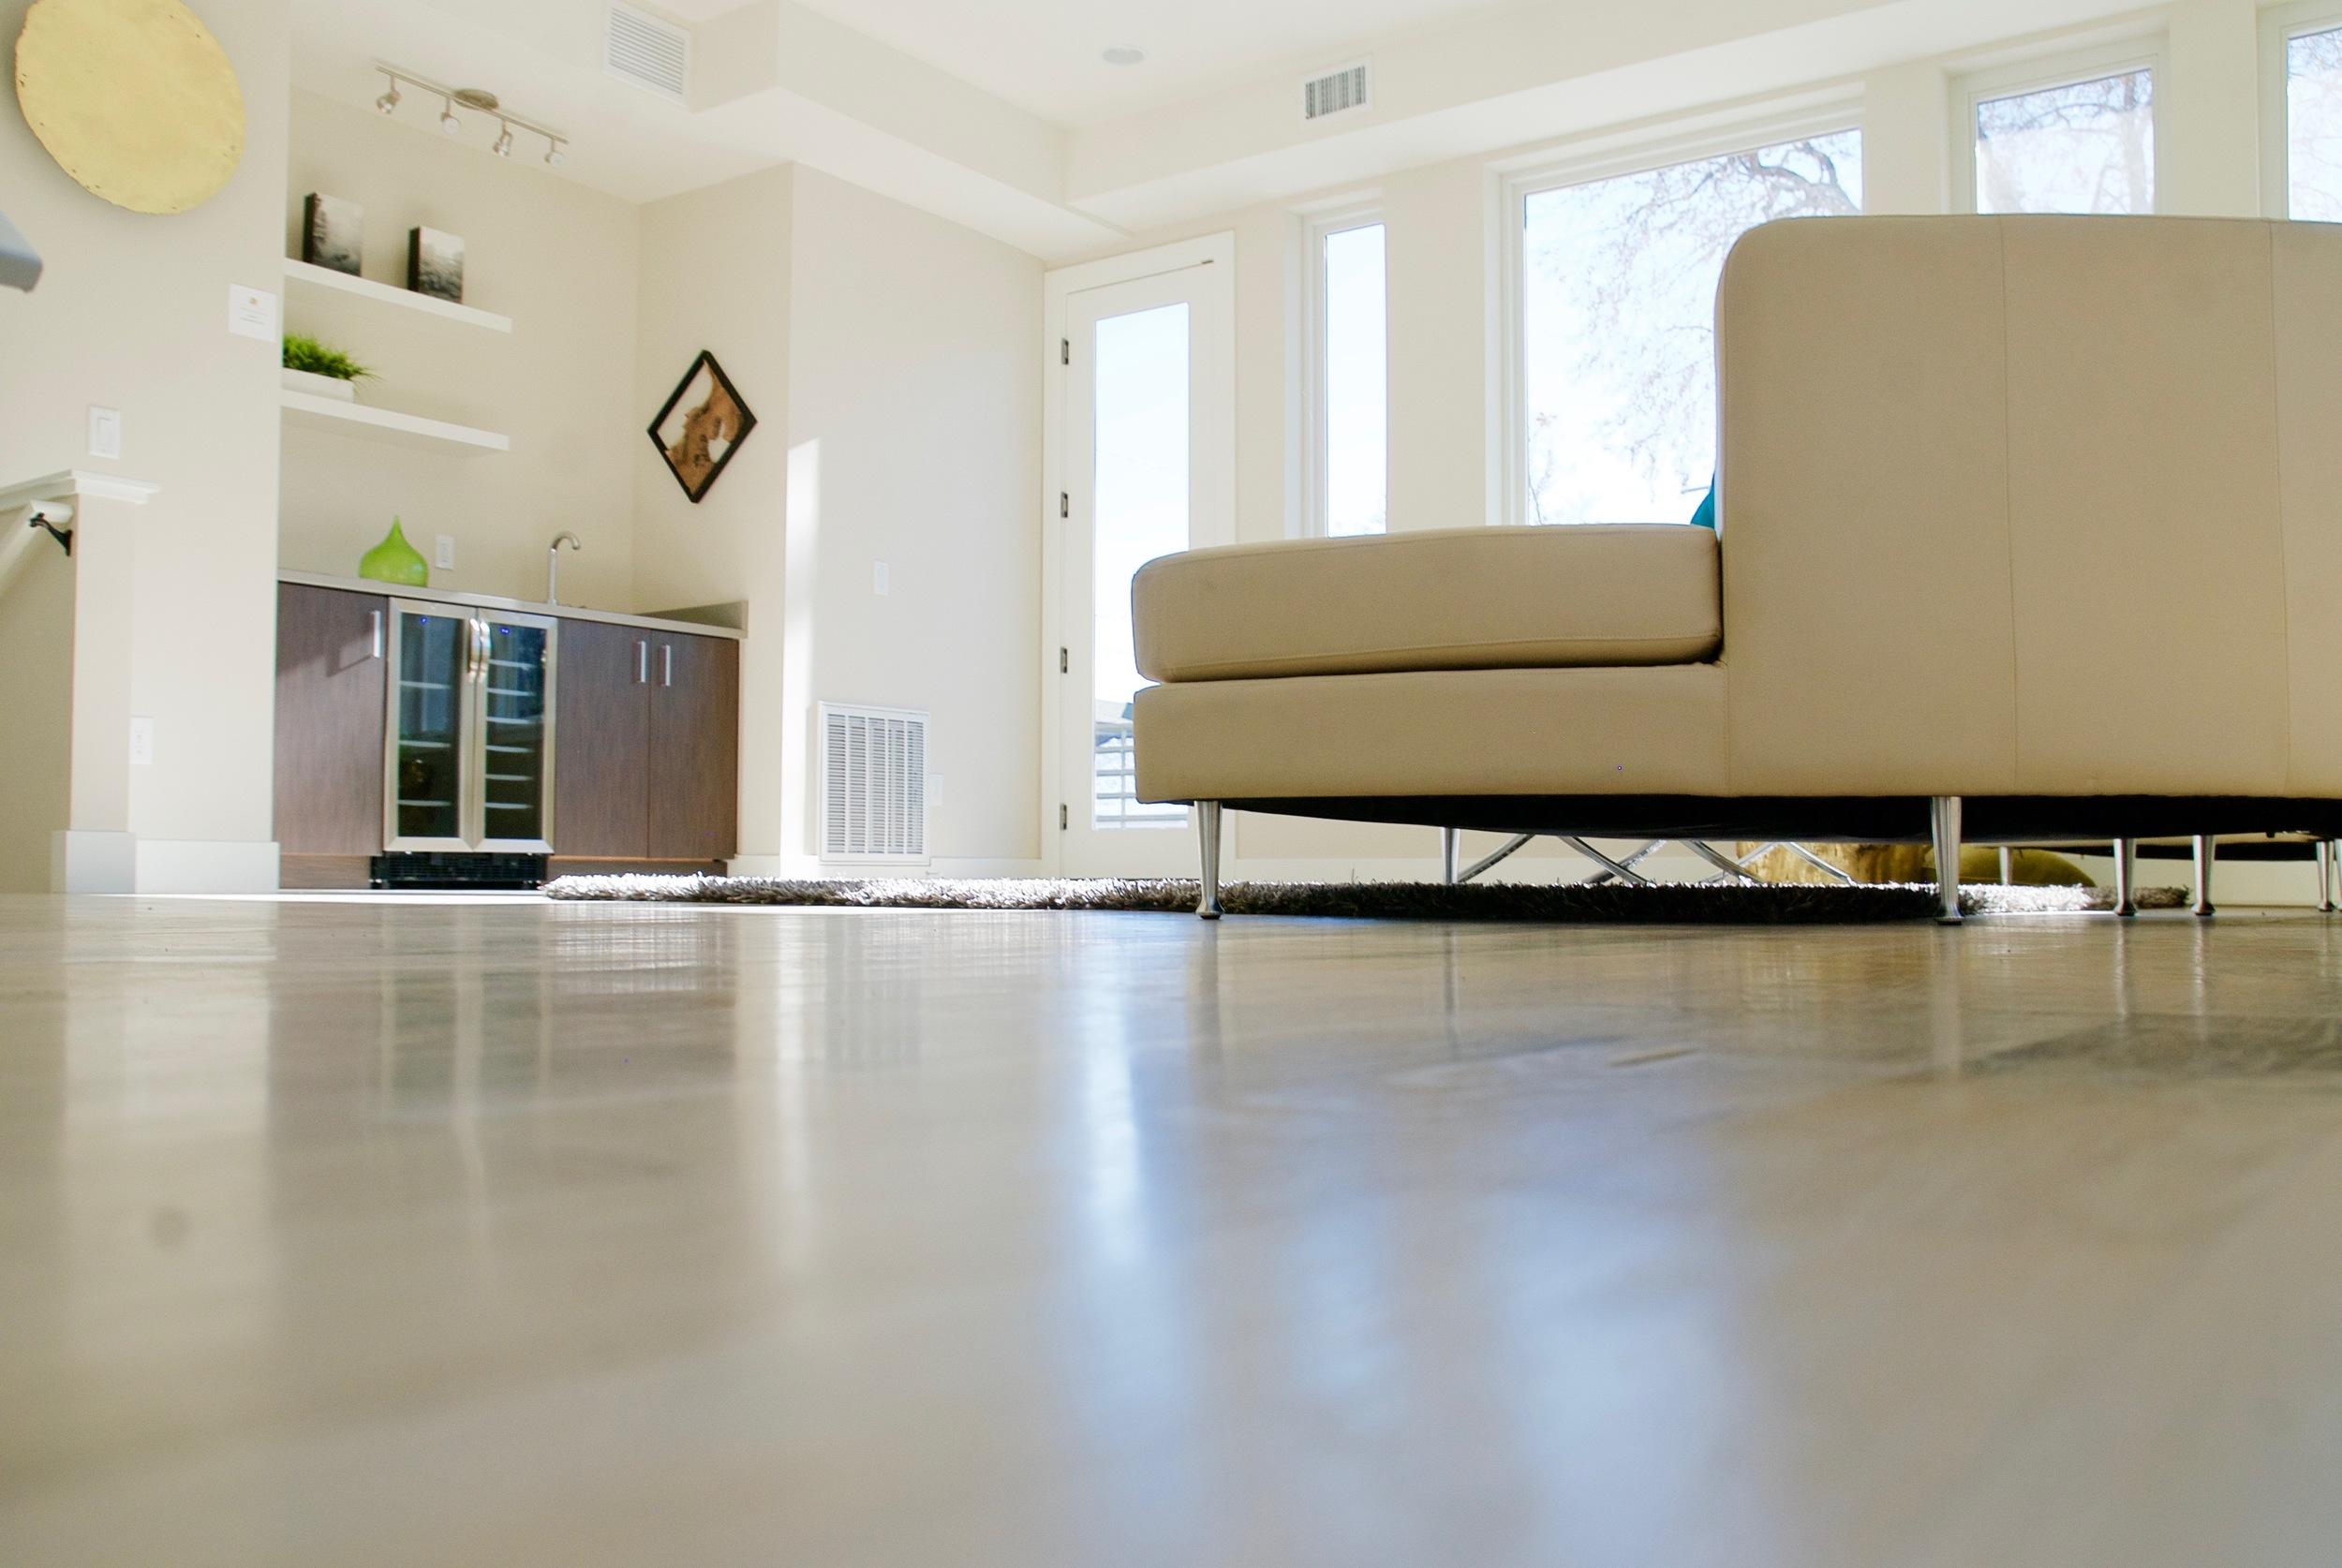 Main image of Residential Hardwood Flooring for Tejon Denver by ASA Flooring